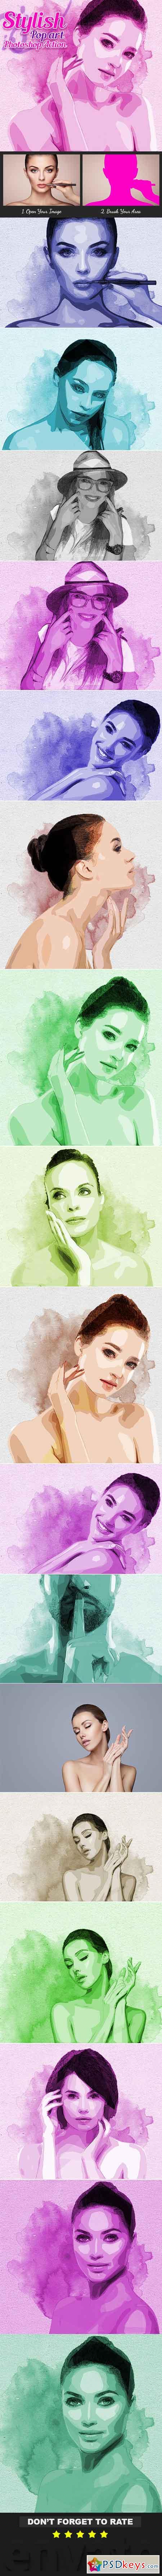 Stylish Pop Art Photoshop Action 21351891